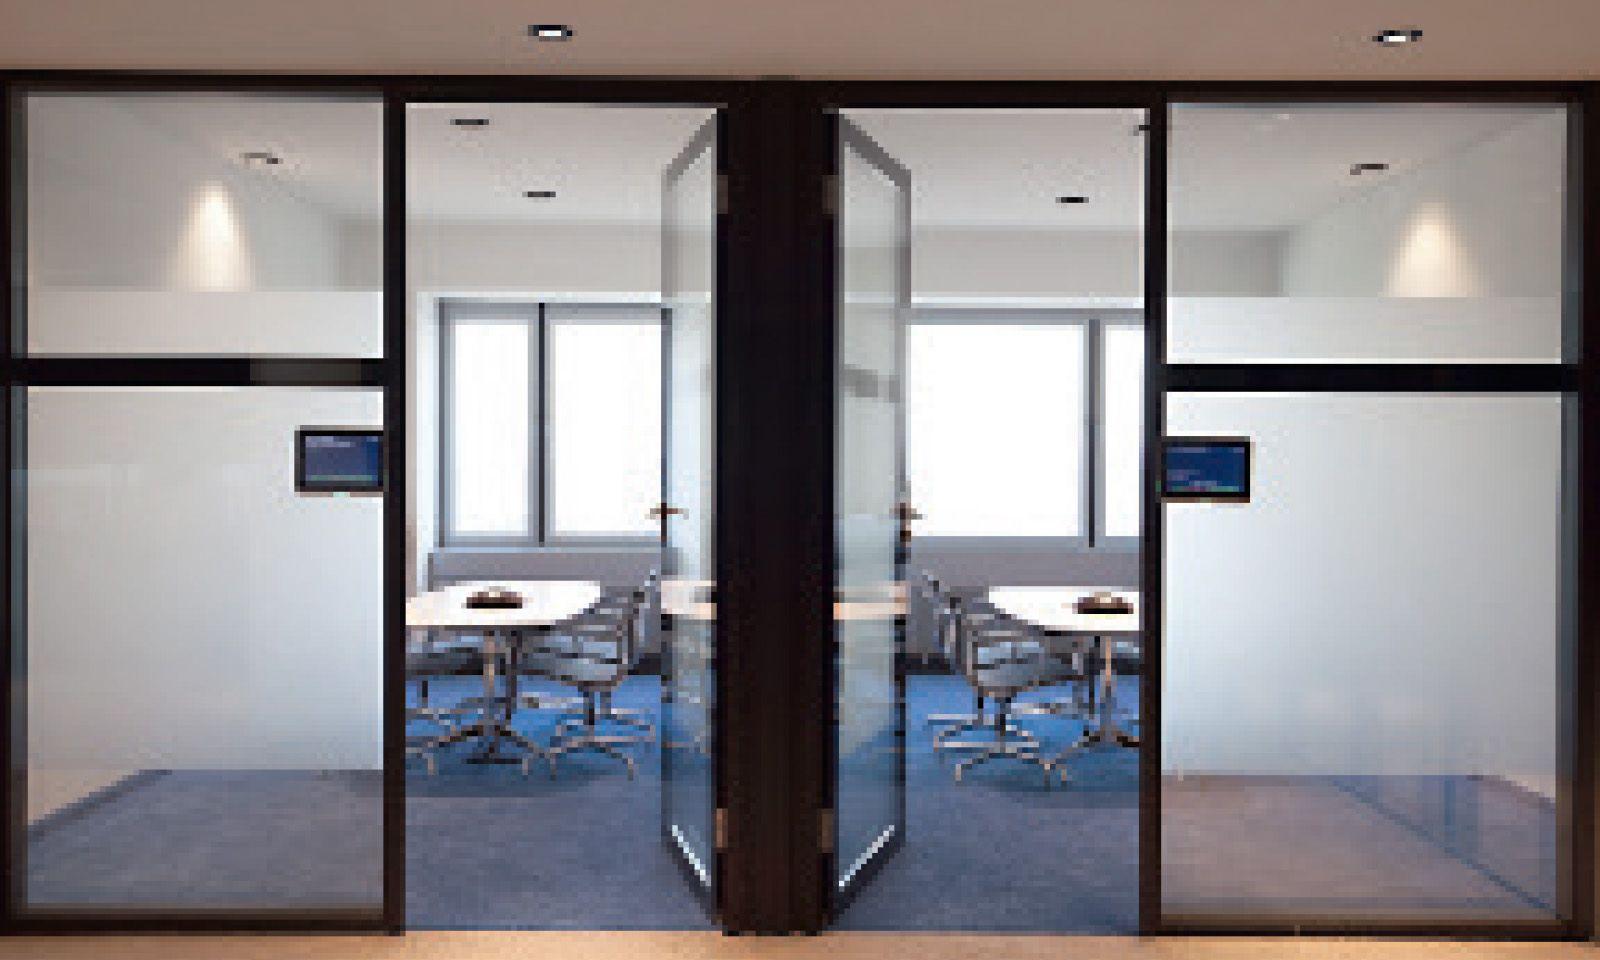 Die Open-Space-Zonen wechseln sich mit anderen Bereichen ab, etwa Meetingbereichen oder Nischen für ruhige Gespräche.